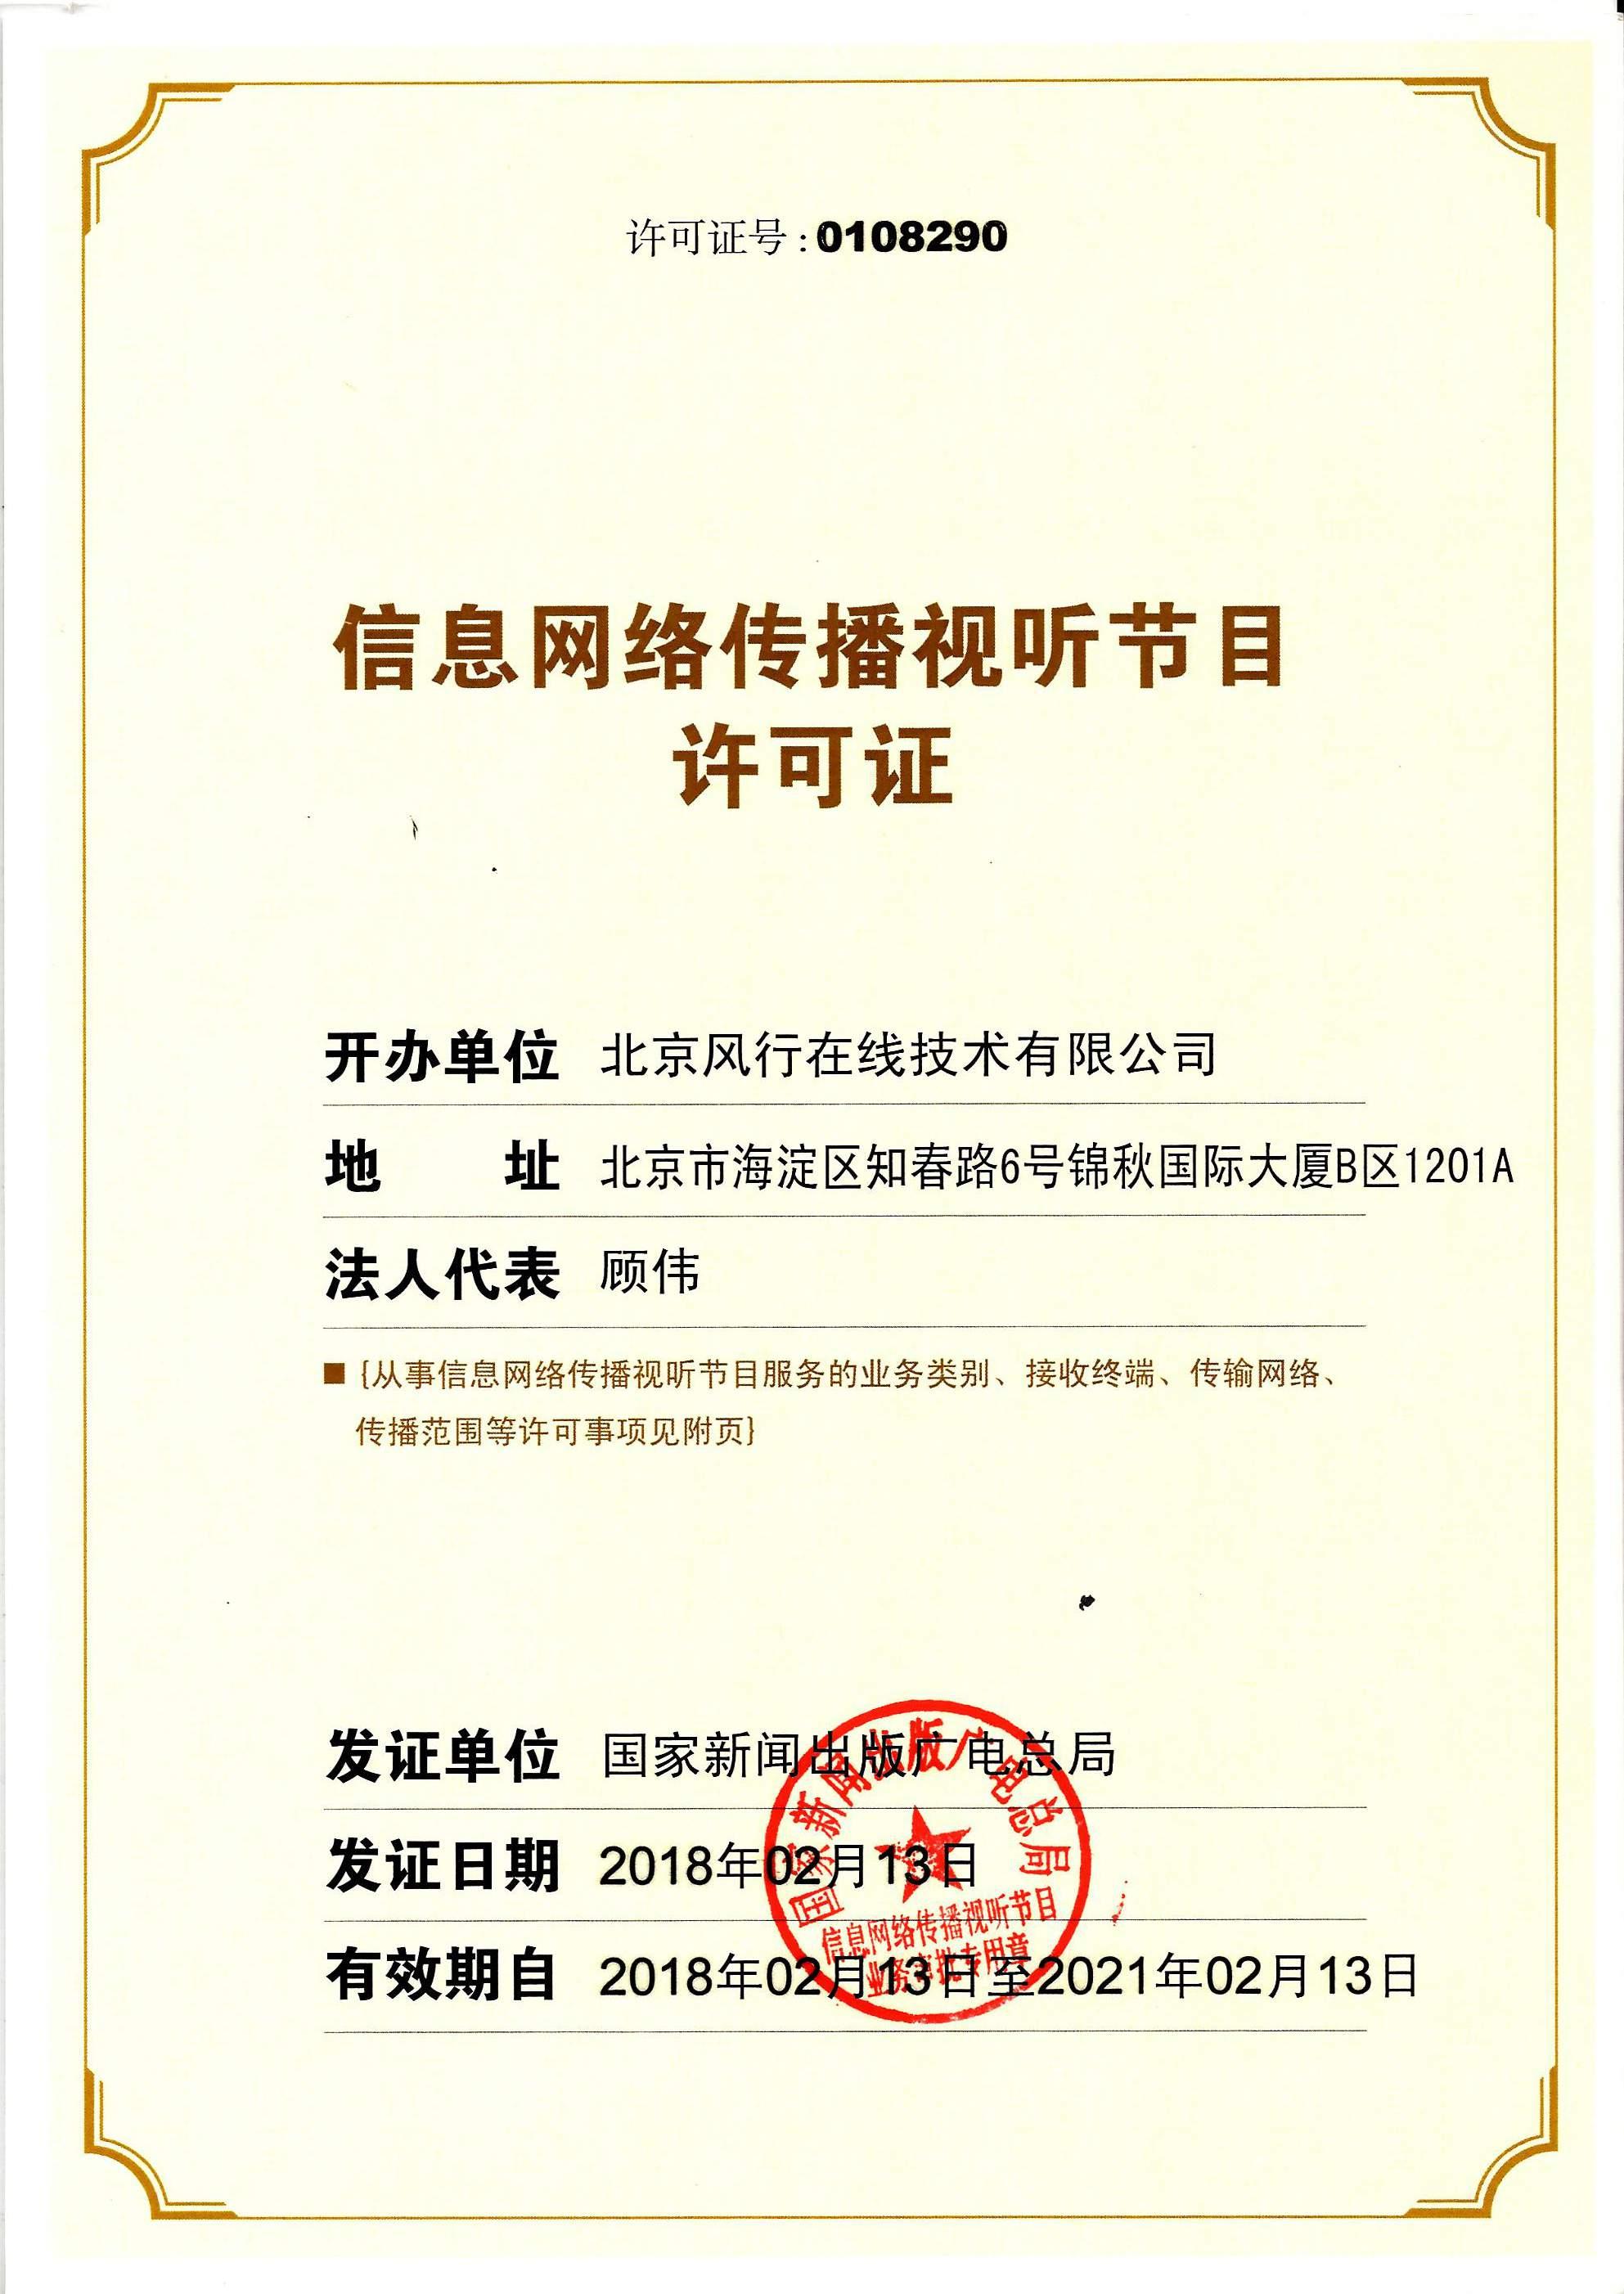 网络视听许可证0108290号 第1页